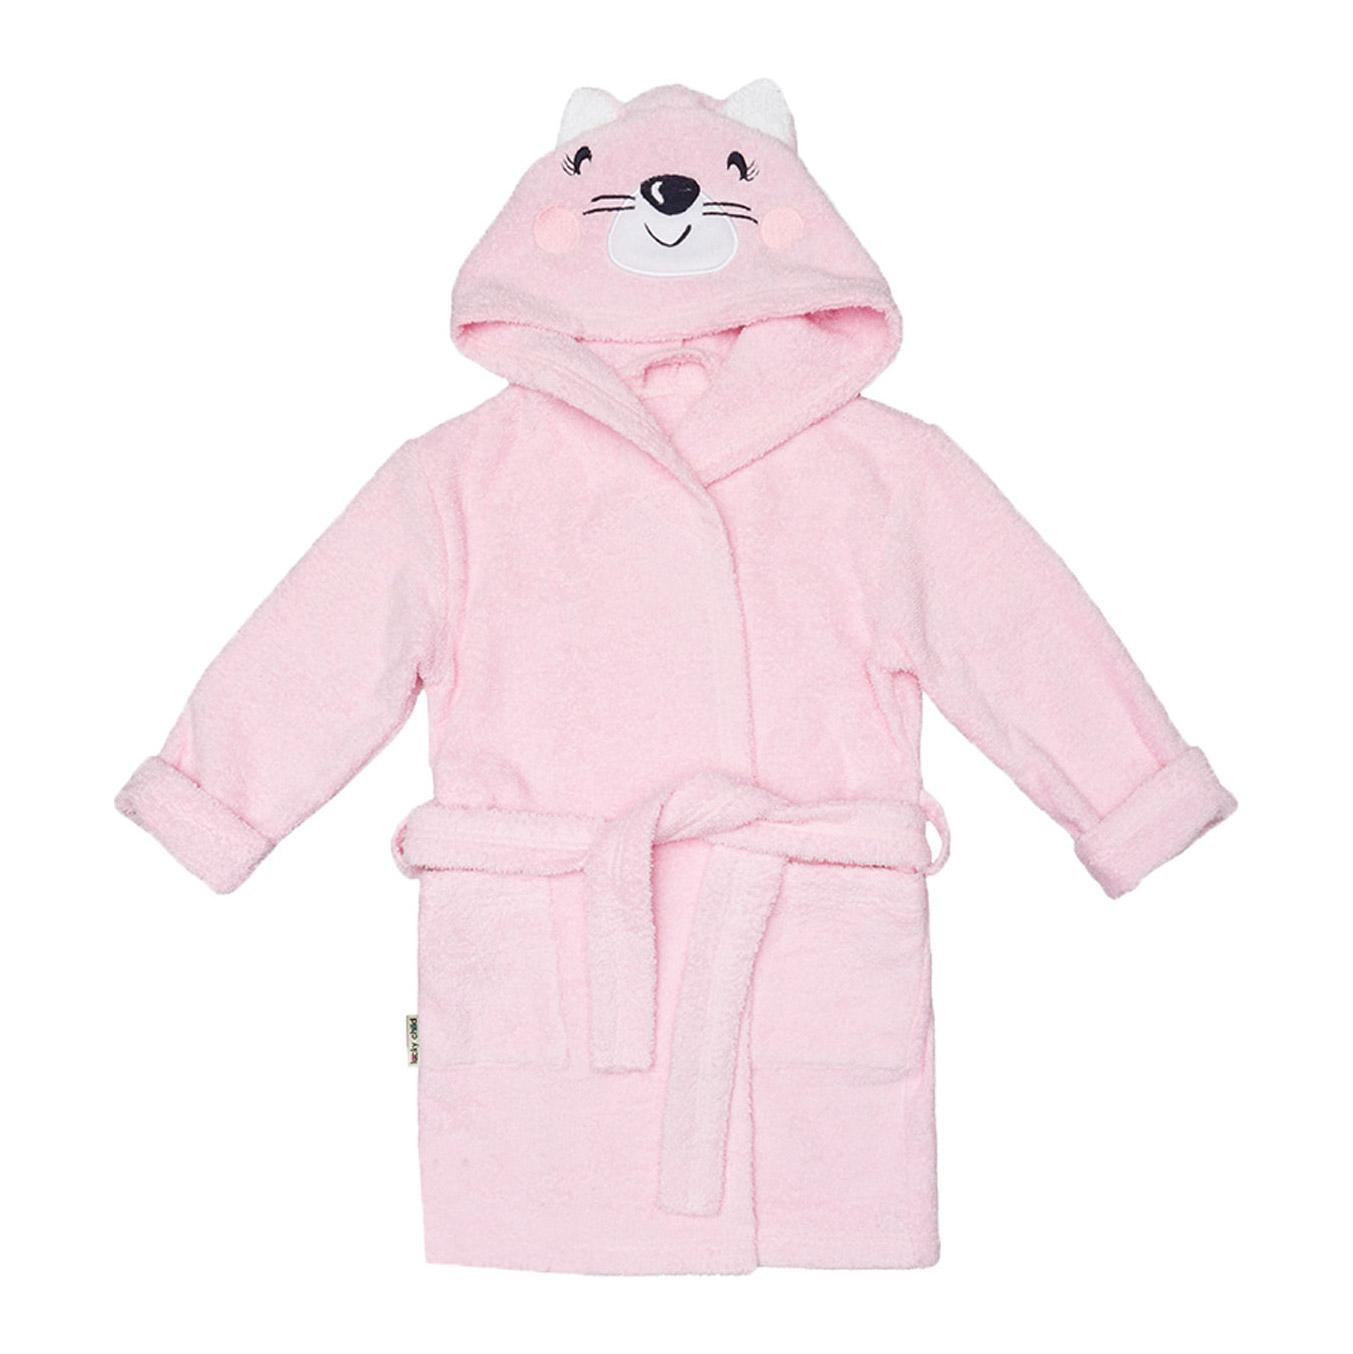 Купить Халат Lucky Child Весёлое купание Котик розовый 86-92, Розовый, Махра, Для девочек, Всесезонный,